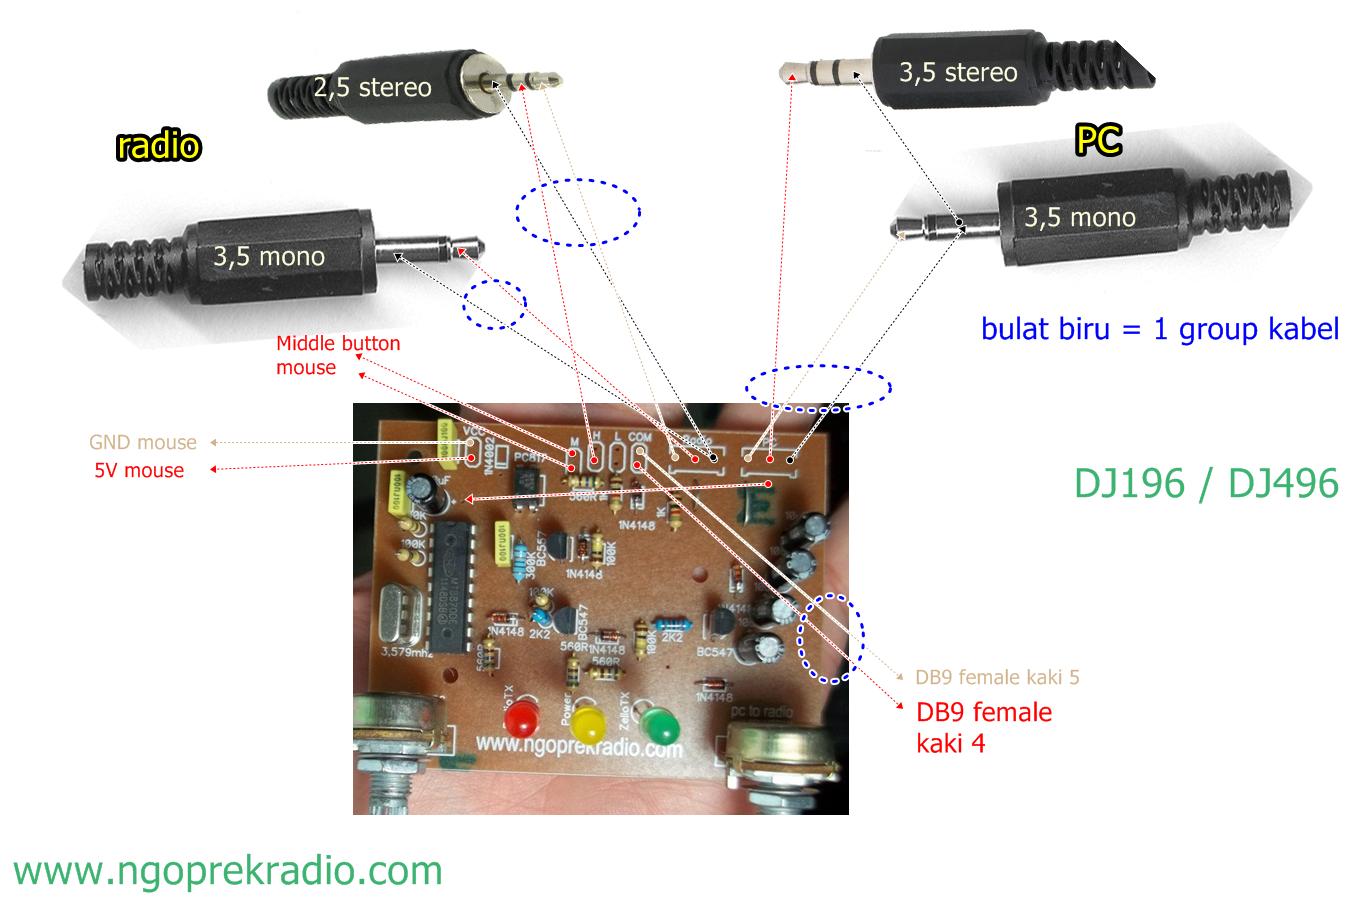 wiring DJ196